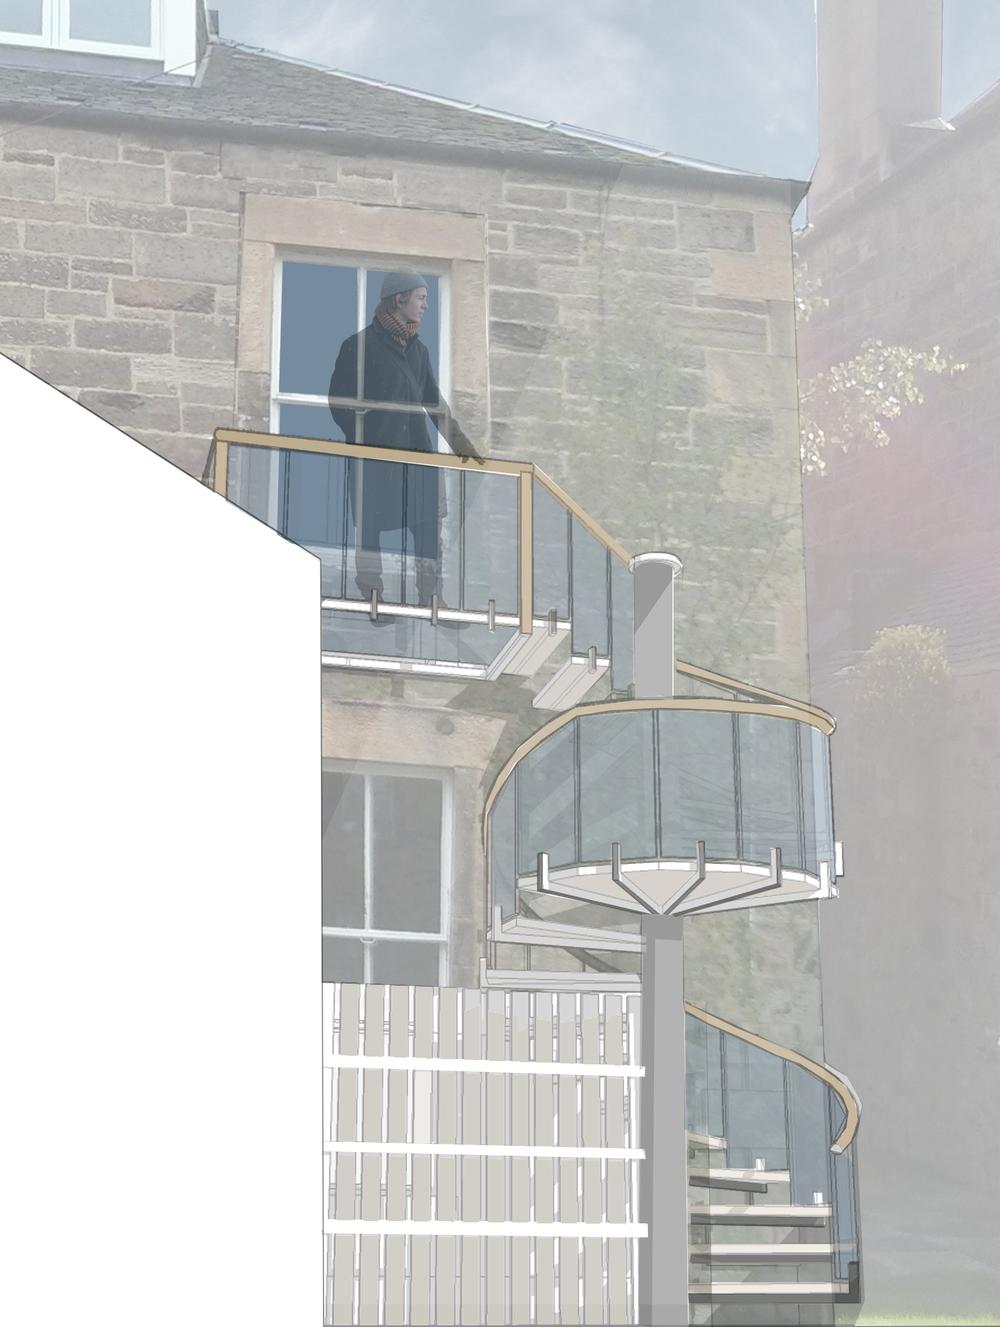 External View 2.jpg